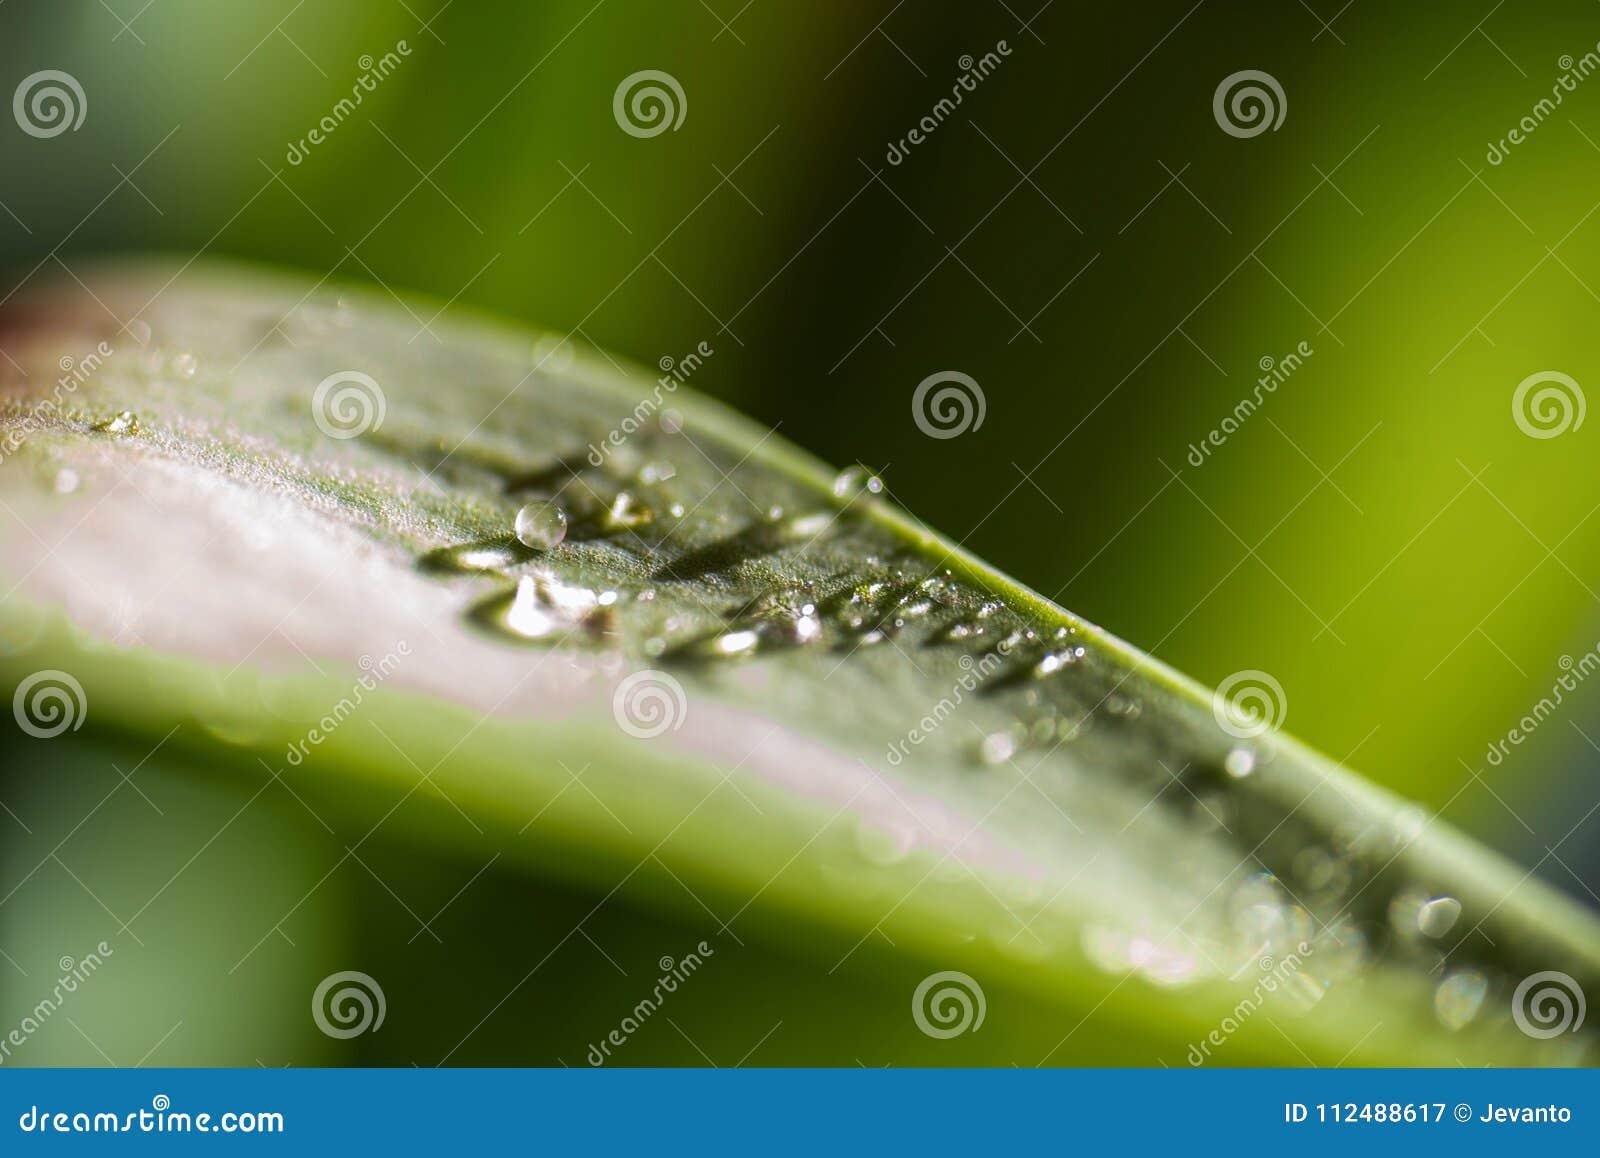 Nahaufnahmeansicht von Tropfen des Taus des Morgens auf grünem Blatt mit Sonnenlicht